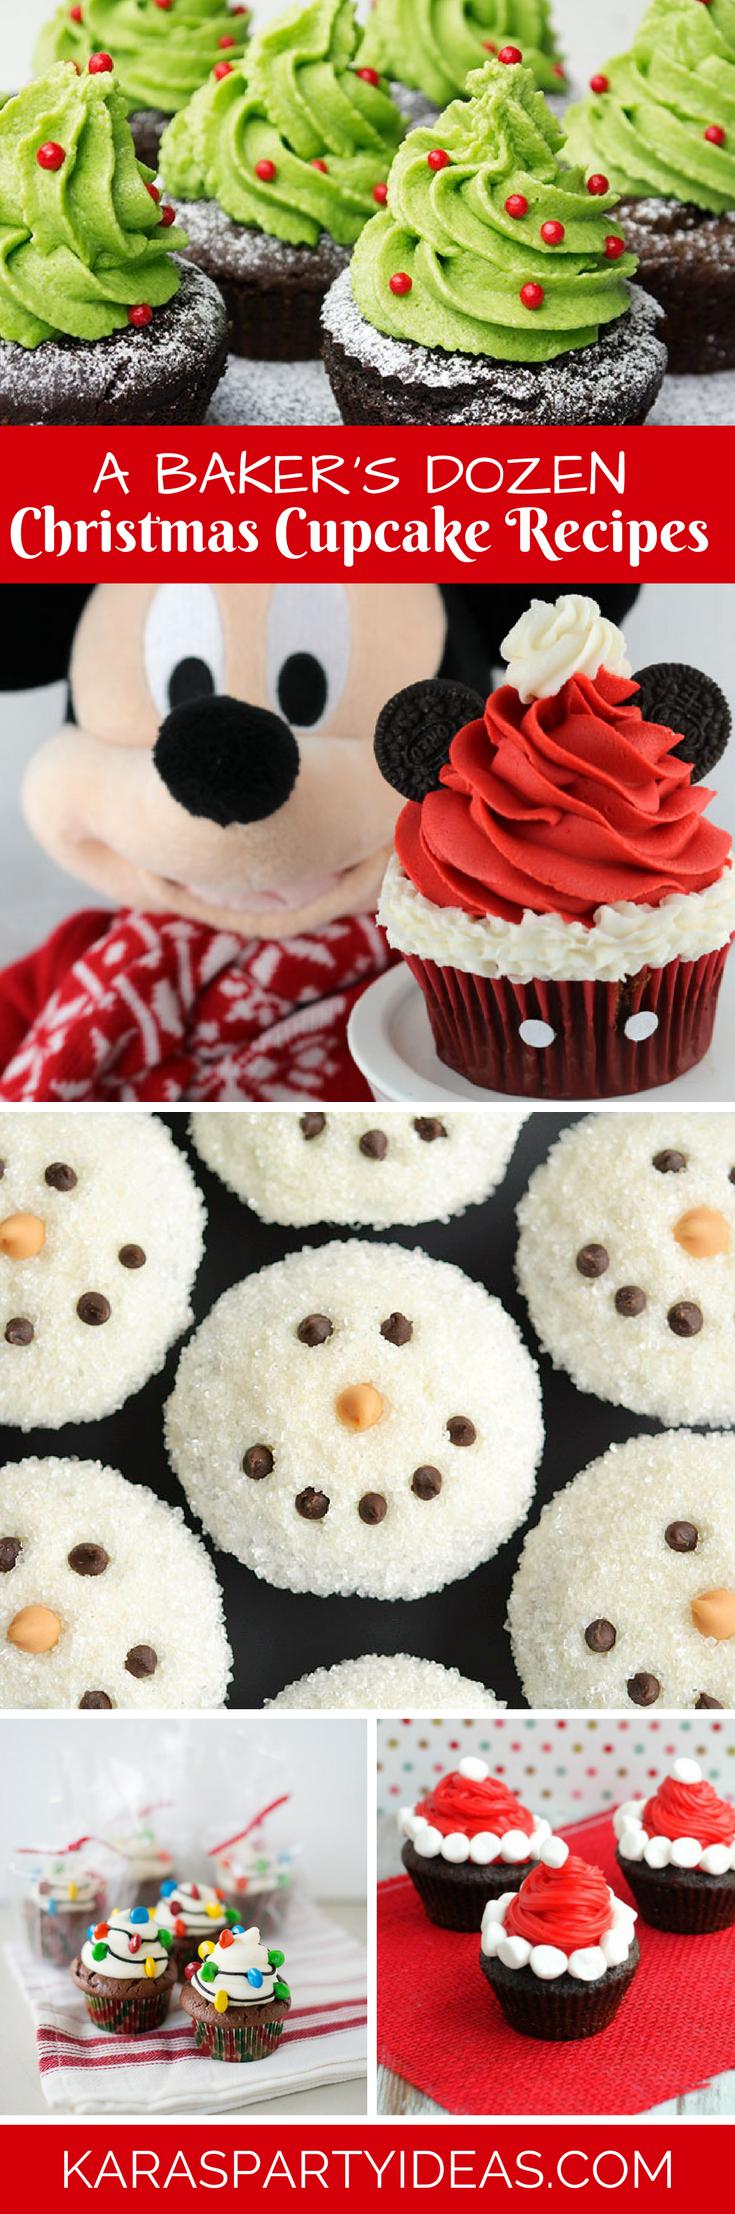 Bakers Dozen Christmas Cupcake Recipe Ideas via Kara's Party Ideas - KarasPartyIdeas.com